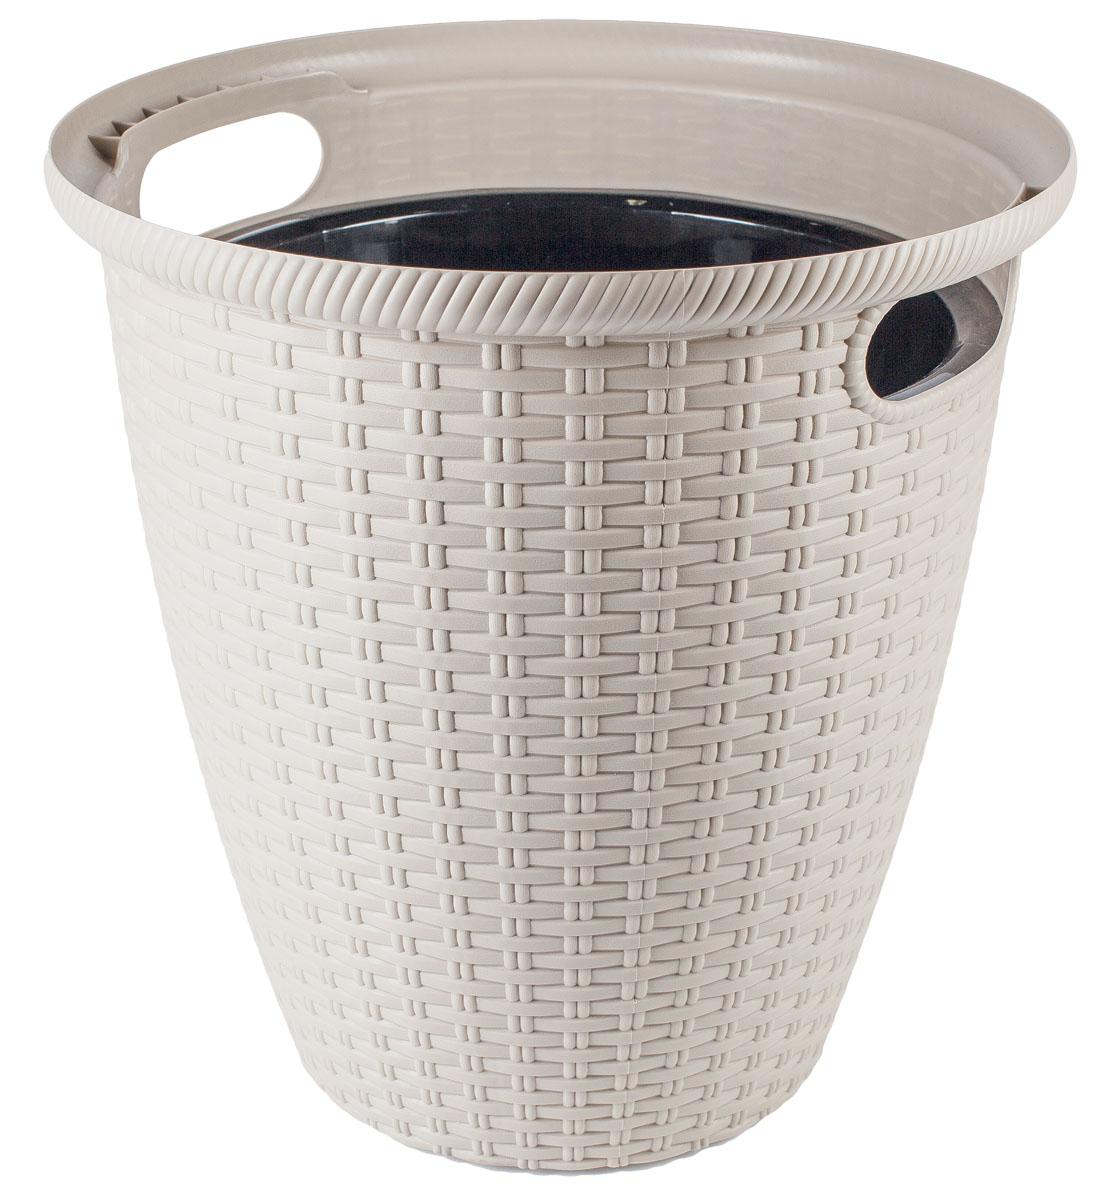 Кашпо InGreen Ротанг, напольное, цвет: слоновая кость, диаметр 32,8 см531-402Кашпо InGreen Ротанг изготовлено из высококачественного пластика с плетеной текстурой. Такое кашпо прекрасно подойдет для выращивания растений и цветов в домашних условиях. Лаконичный дизайн впишется в интерьер любого помещения. Размер кашпо: 32,8 х 32,8 х 33 см.